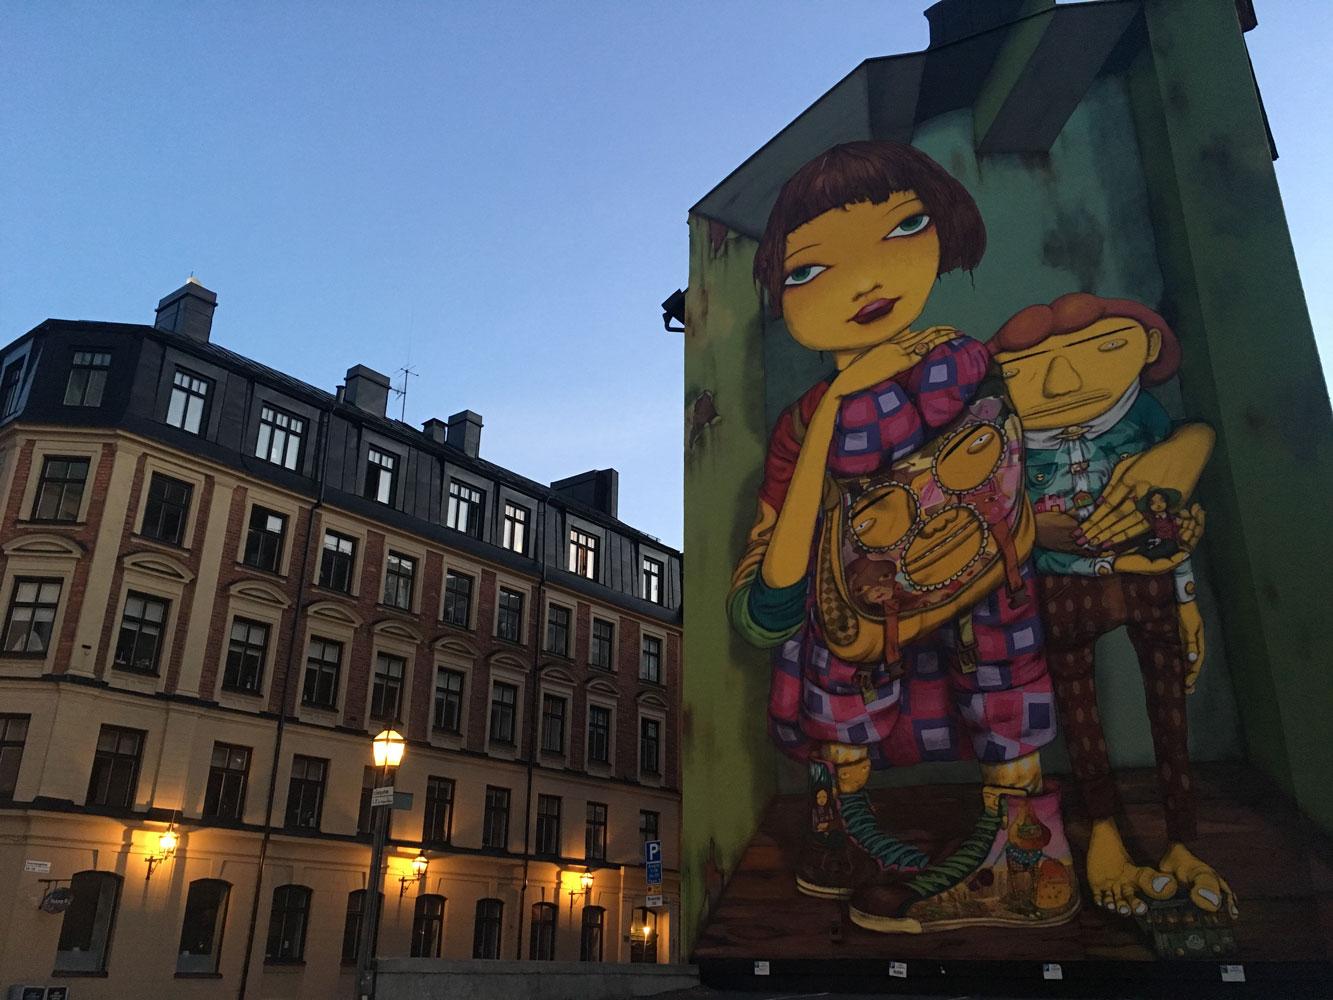 Stockholm-street-art.jpg